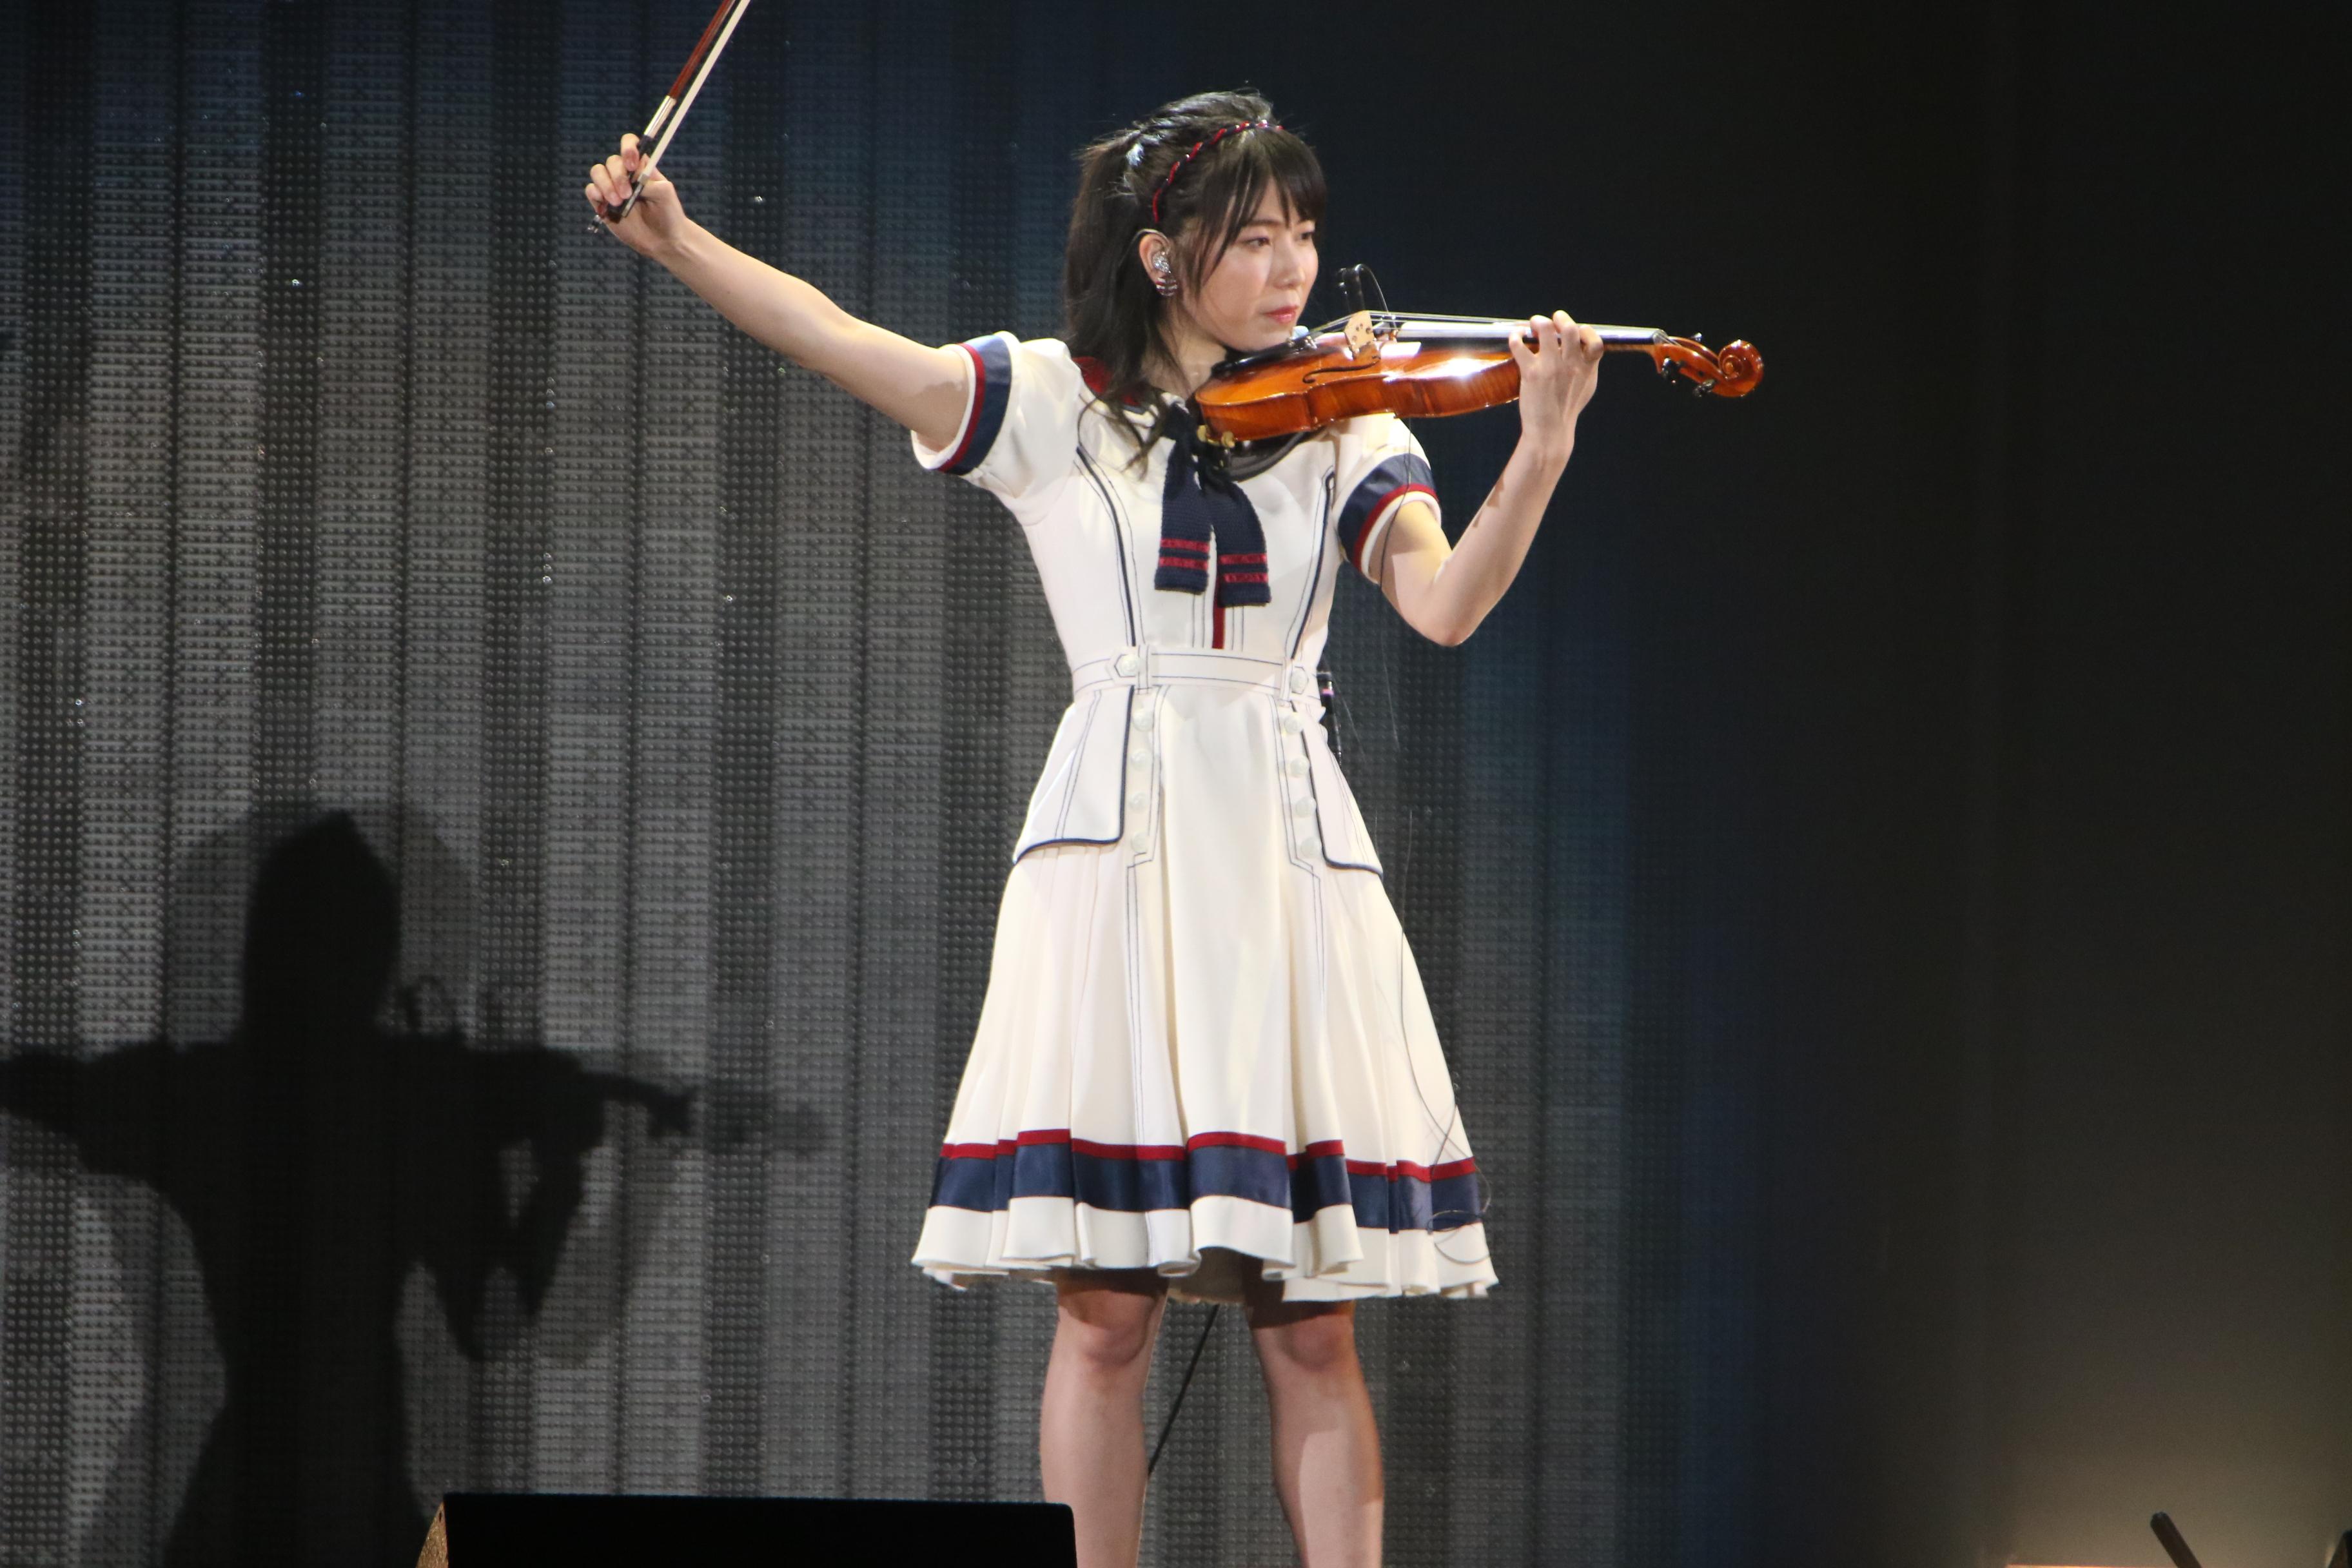 「情熱大陸」のテーマをバイオリンで披露する横山由依